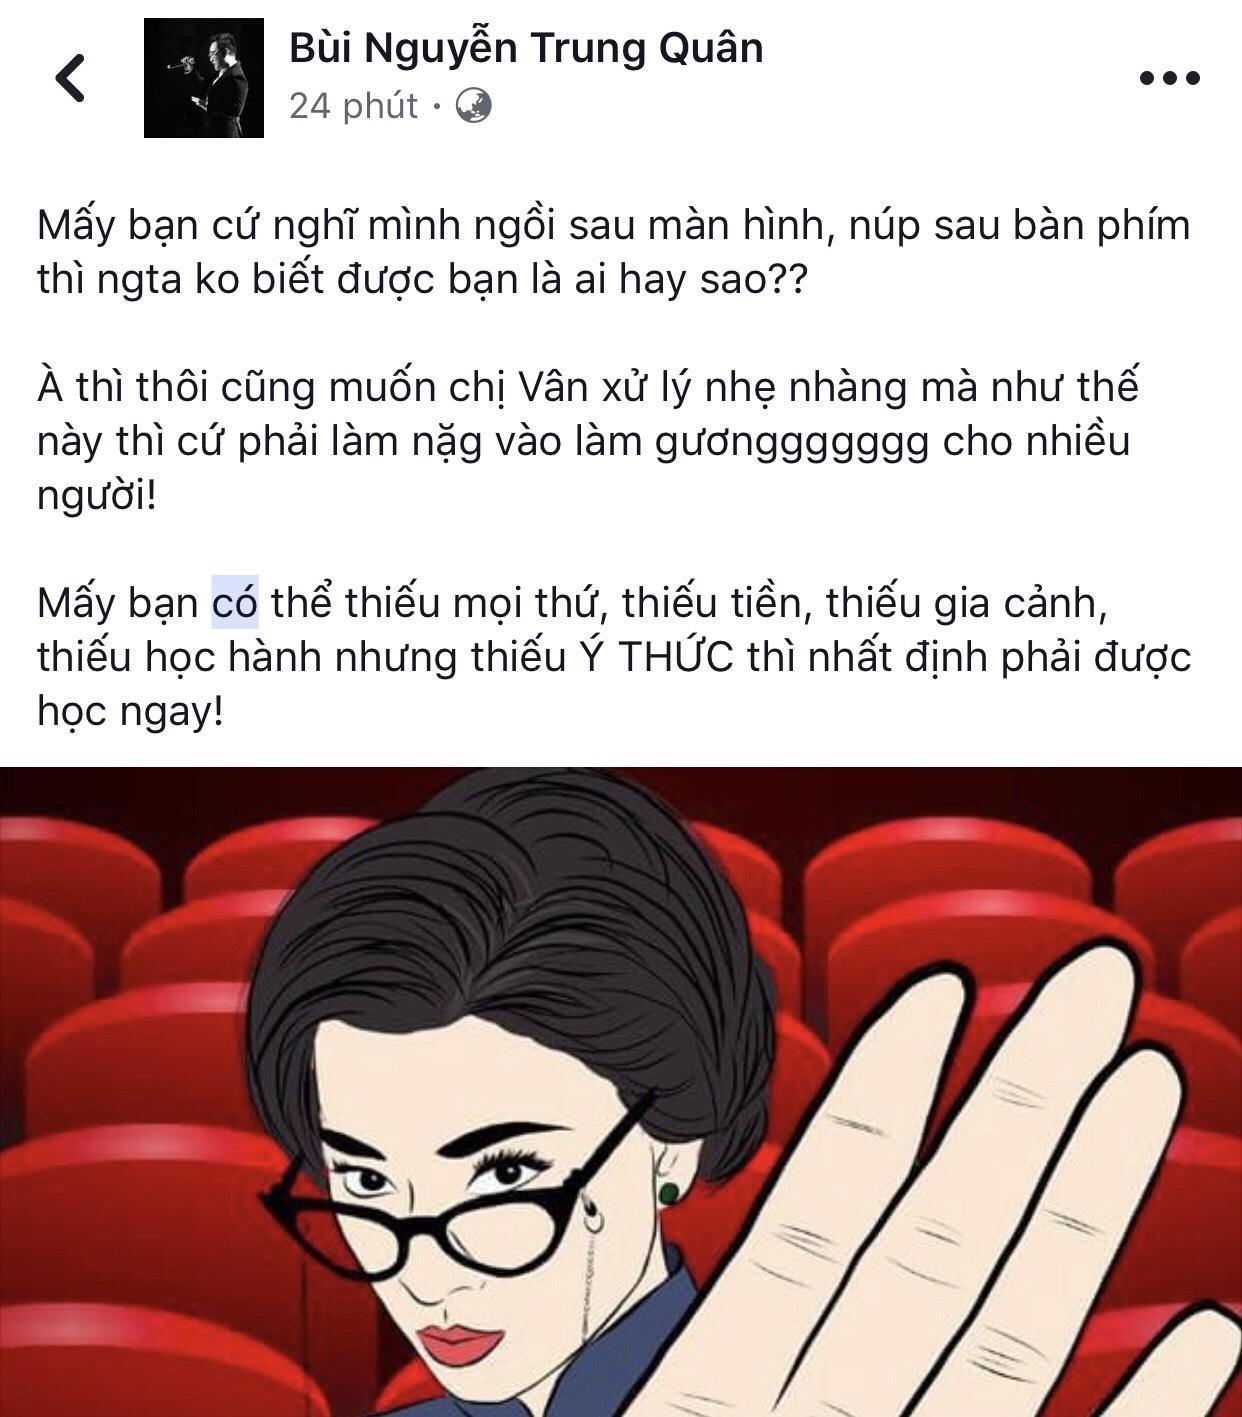 Trấn Thành và dàn sao Việt ủng hộ Ngô Thanh Vân xử tới bến kẻ livestream lén-5